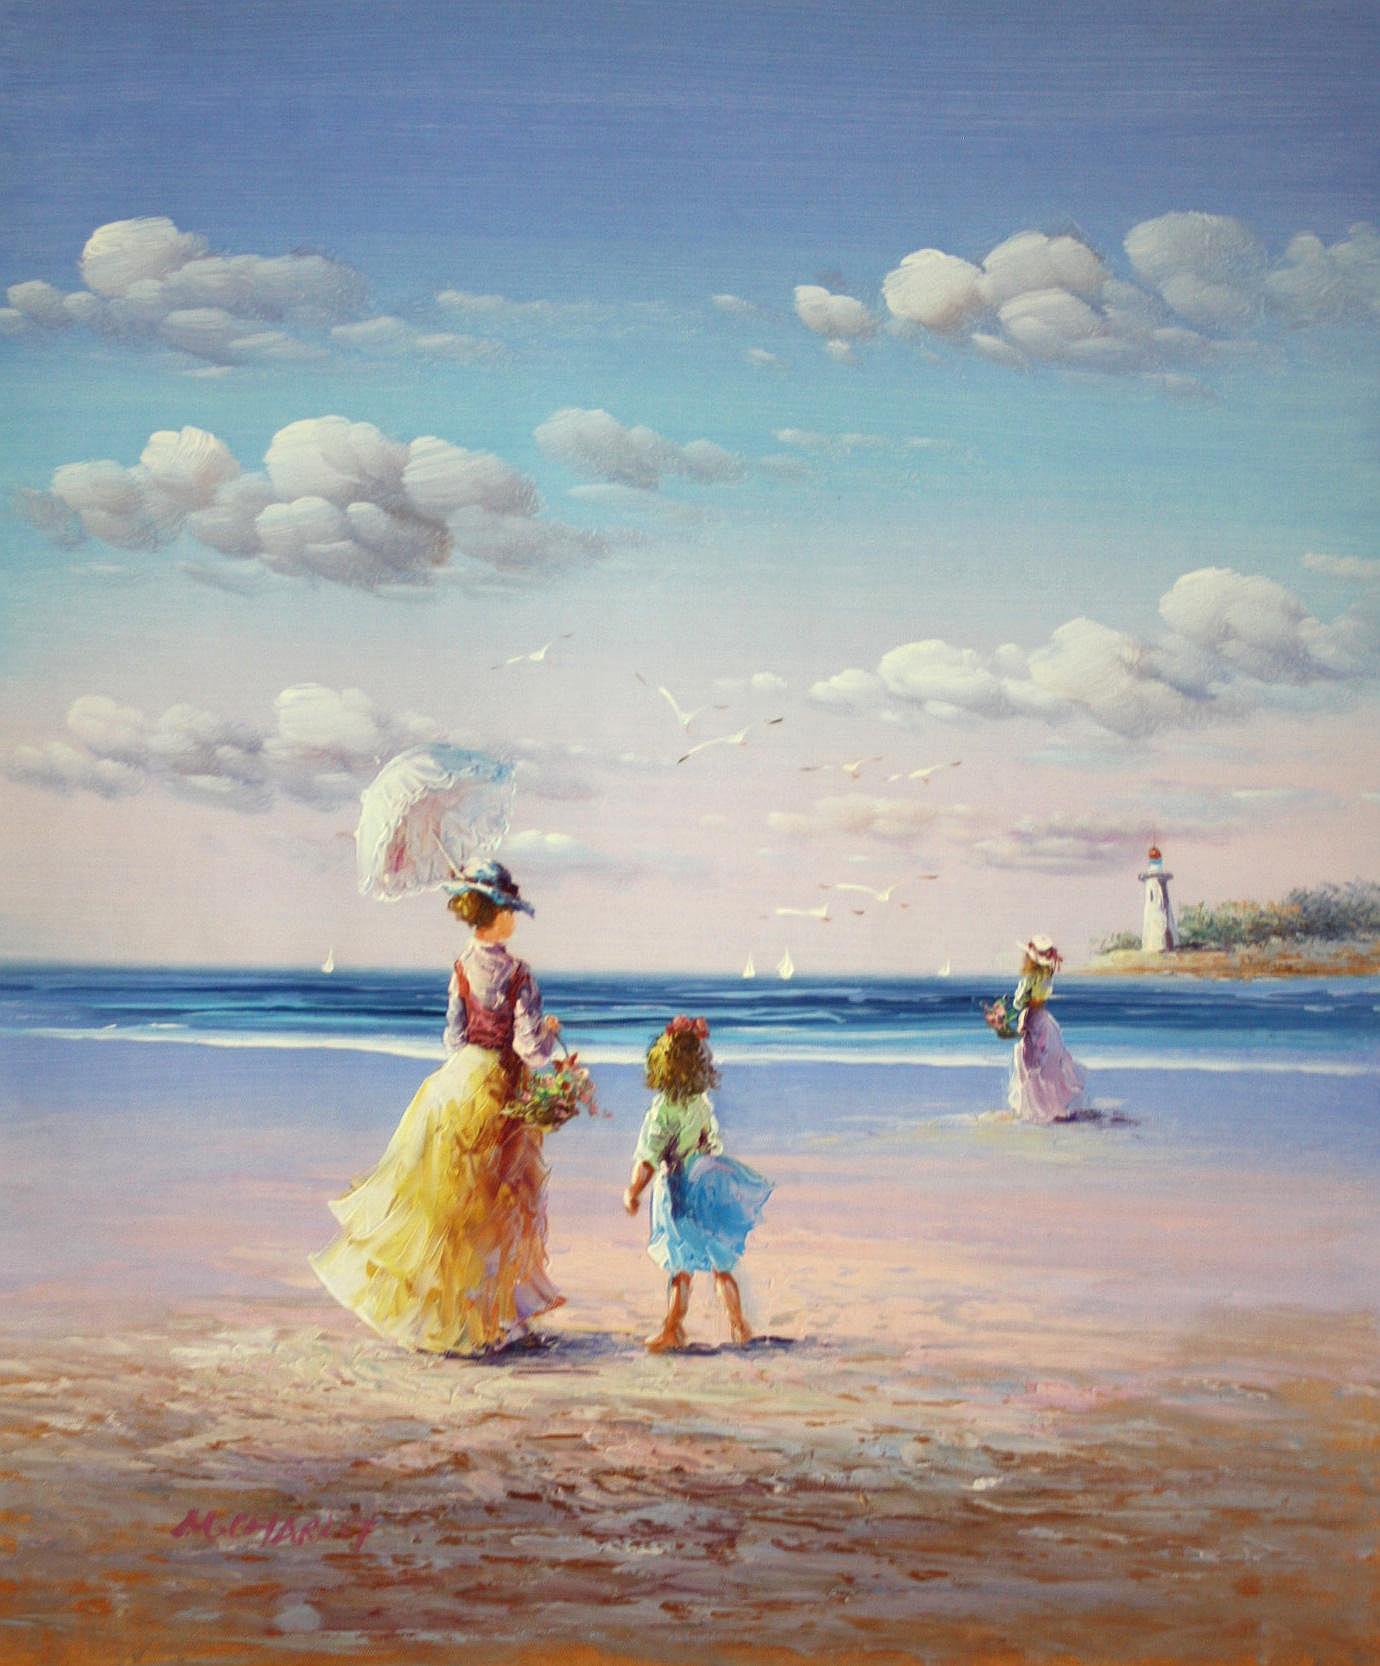 Sylt - Spaziergang am Strand c94350 50x60cm exzellentes Gemälde